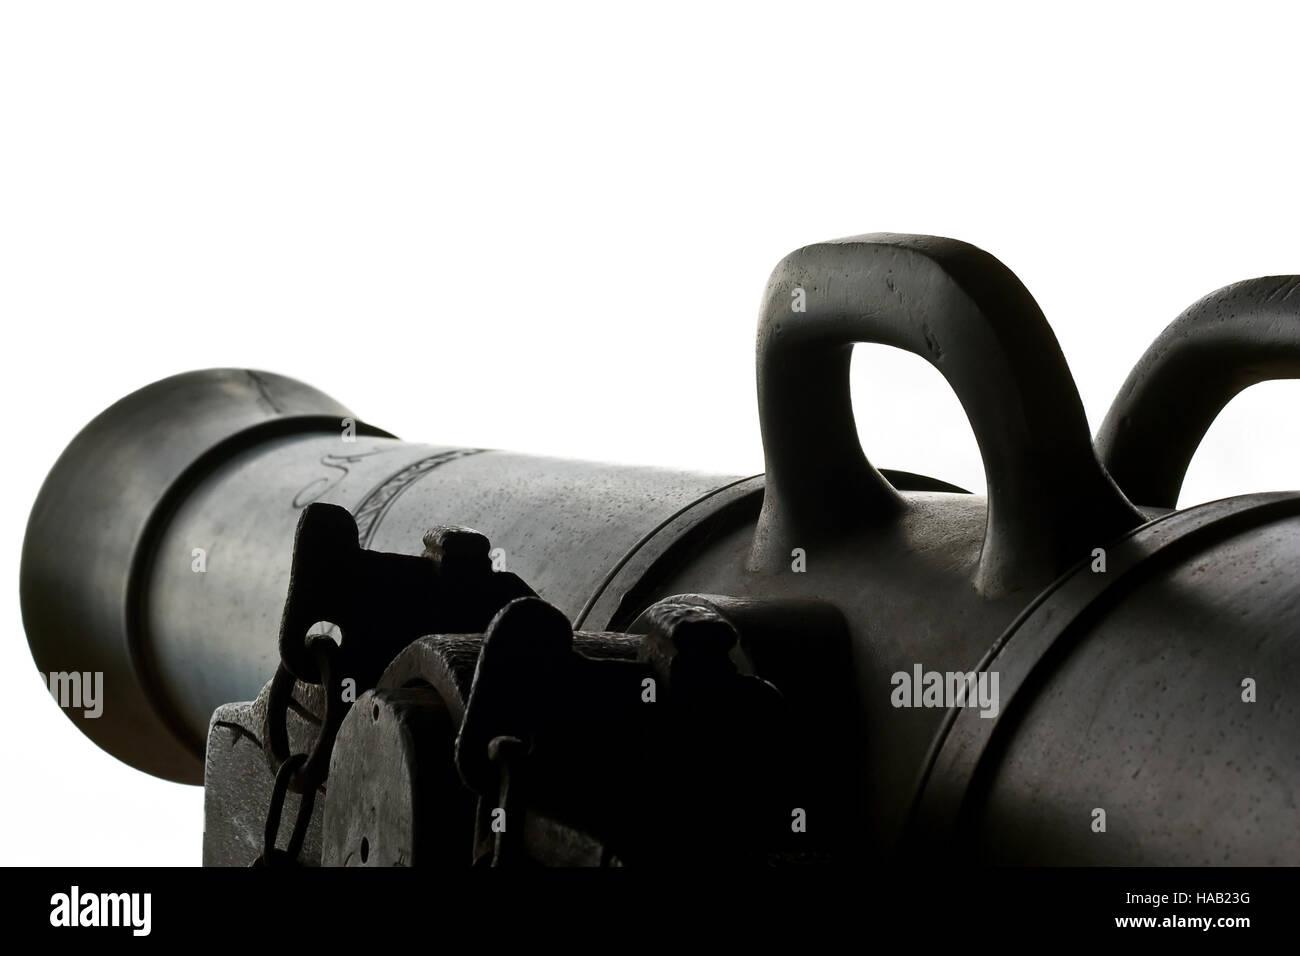 Dunkel braun alte Kanone detailliert und isoliert Stockbild